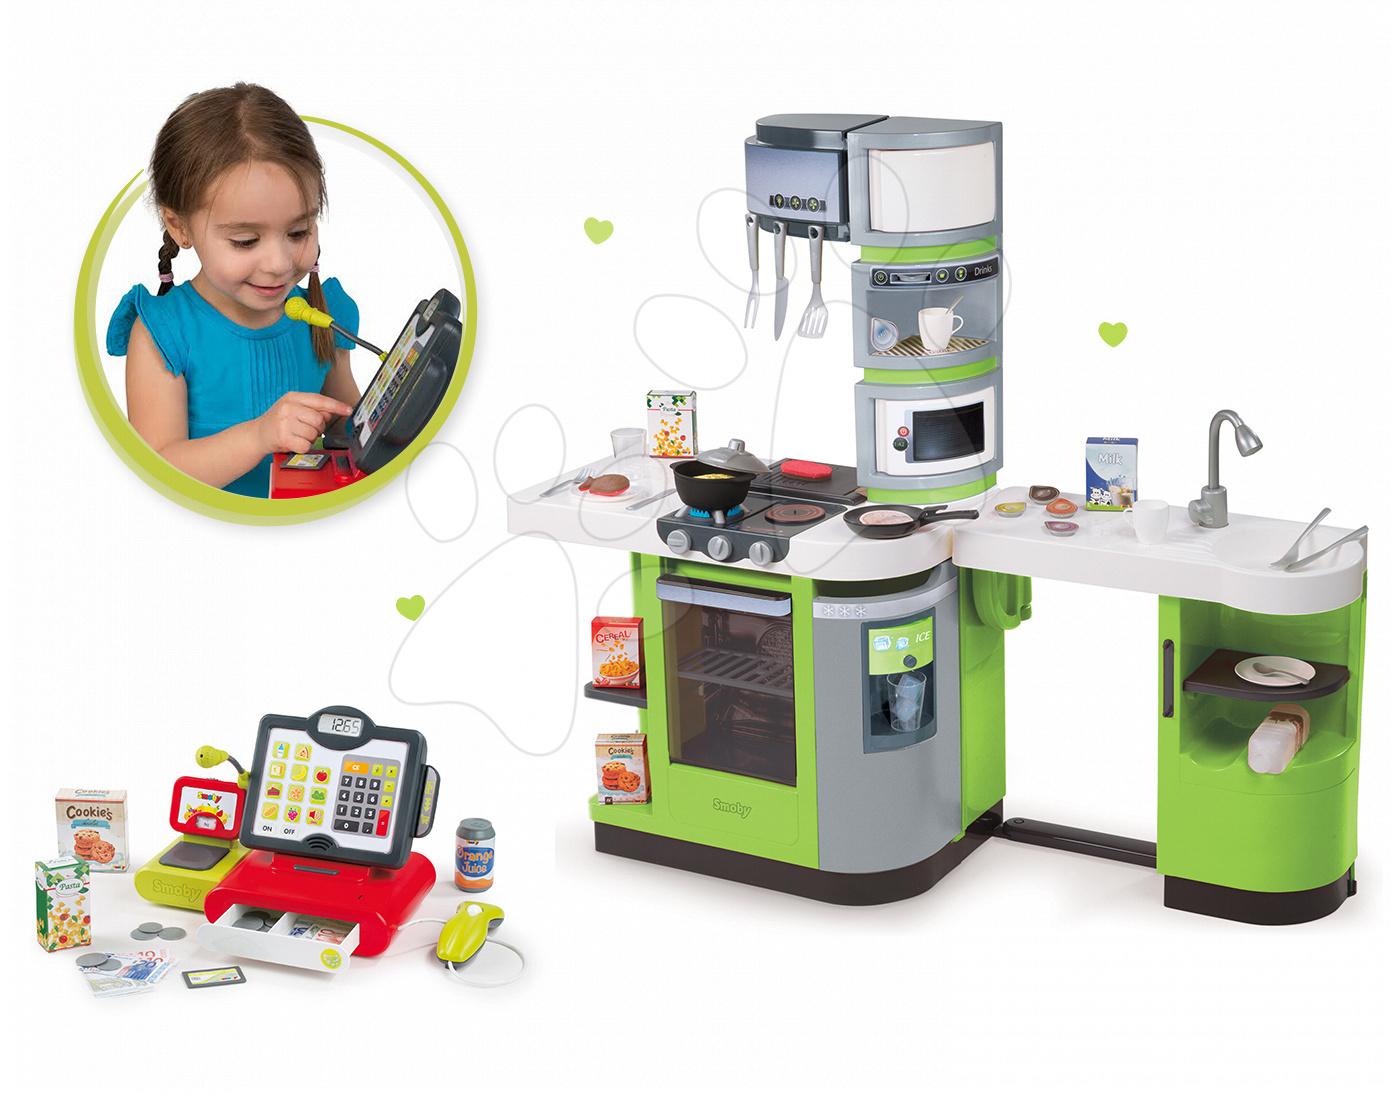 Set kuchyňka pro děti CookMaster Verte Smoby s ledem a zvuky a dotyková elektronická pokladna